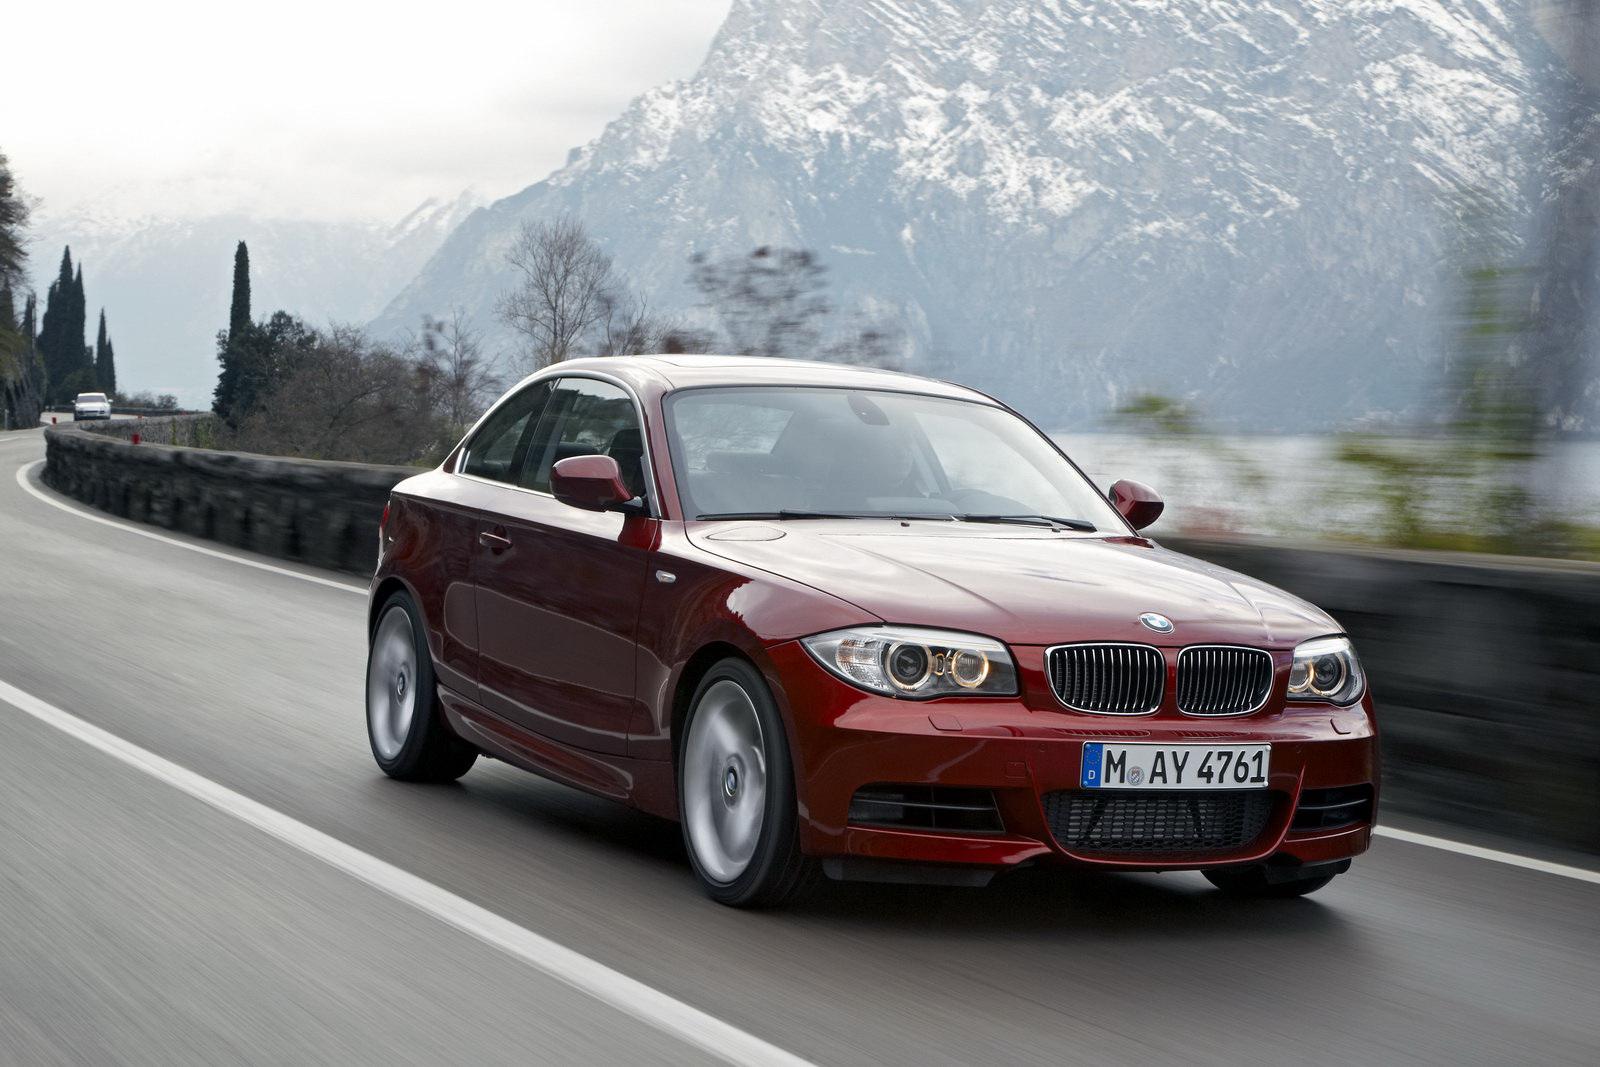 E82 BMW 135i